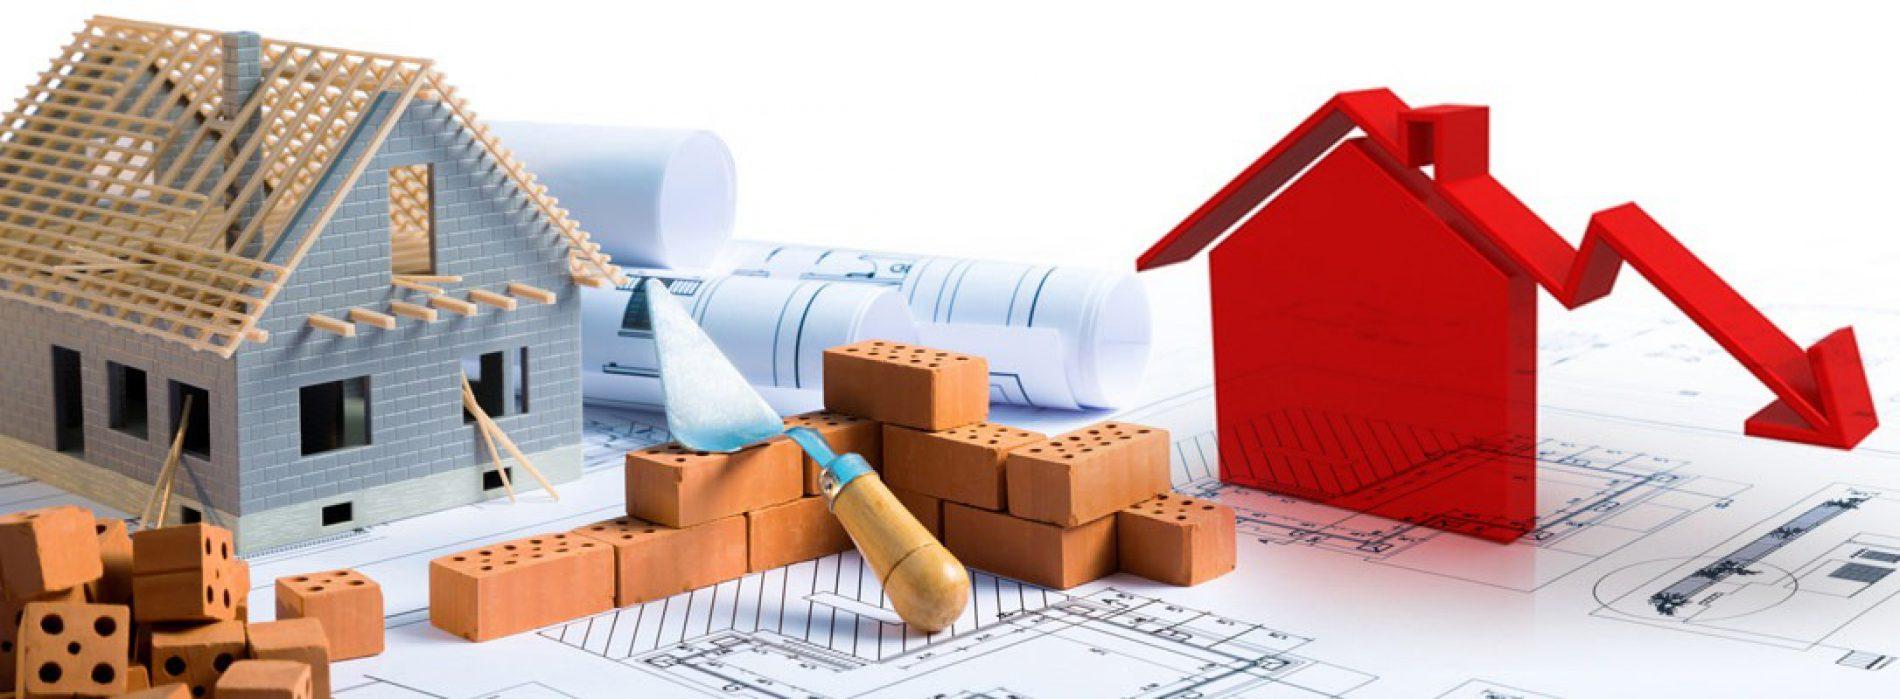 Calo nel settore costruzioni dopo l'estate